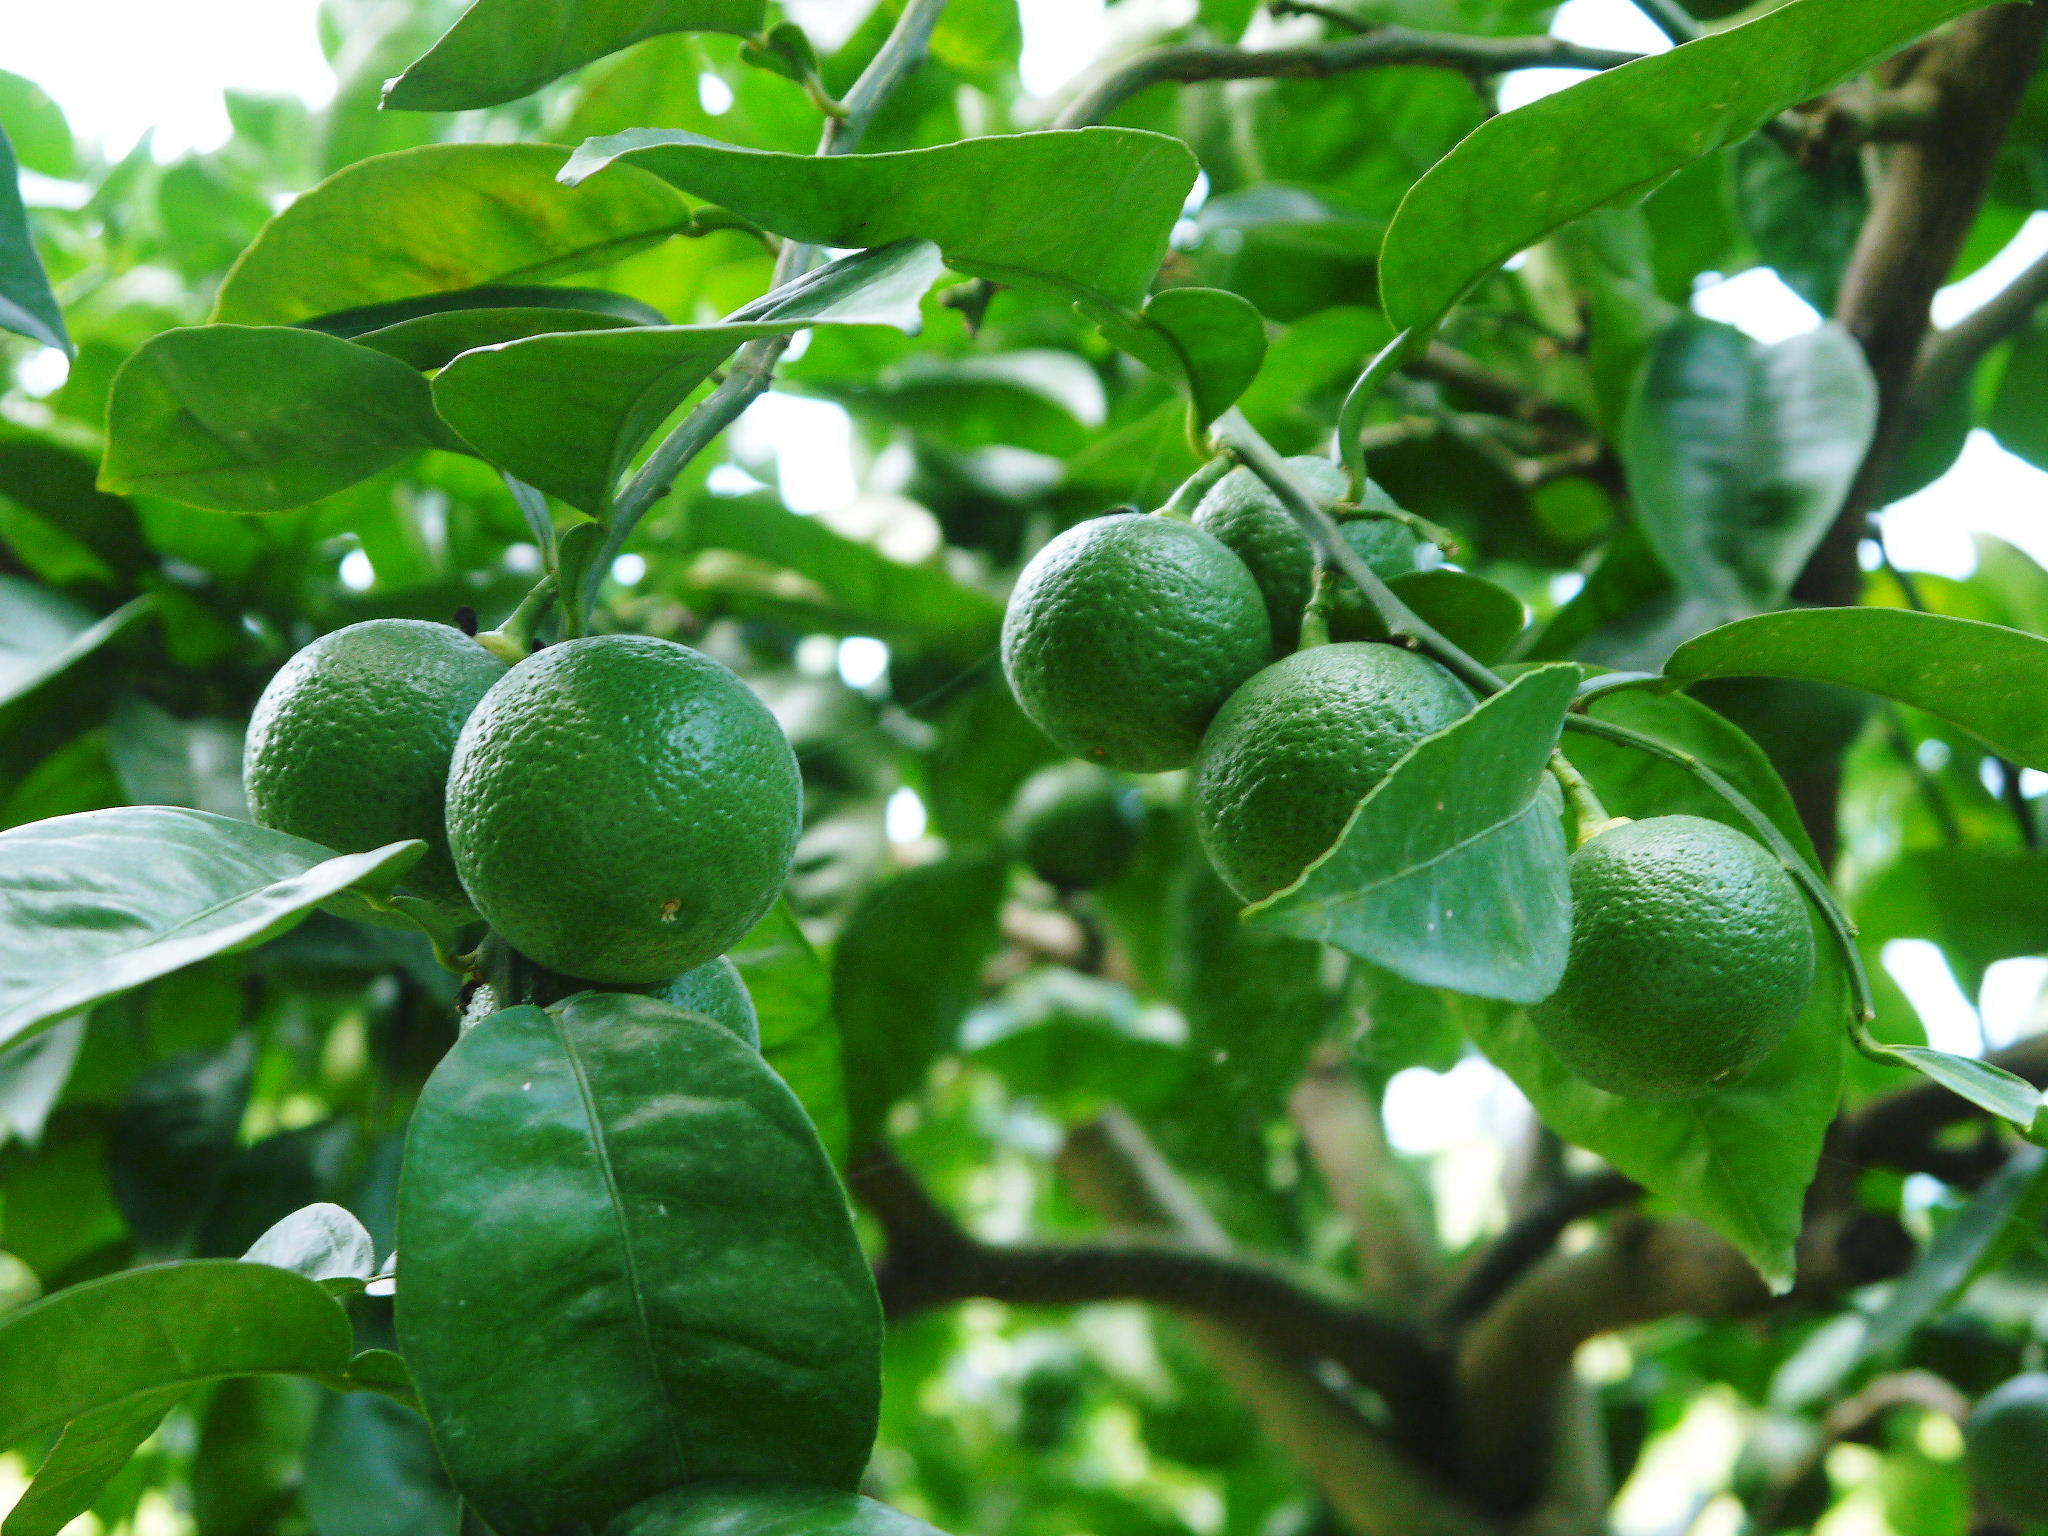 種なしかぼす好評販売中!令和3年もハイペースで出荷中!青い果実は10月中!色づいた果実は11月中旬から_a0254656_17512964.jpg